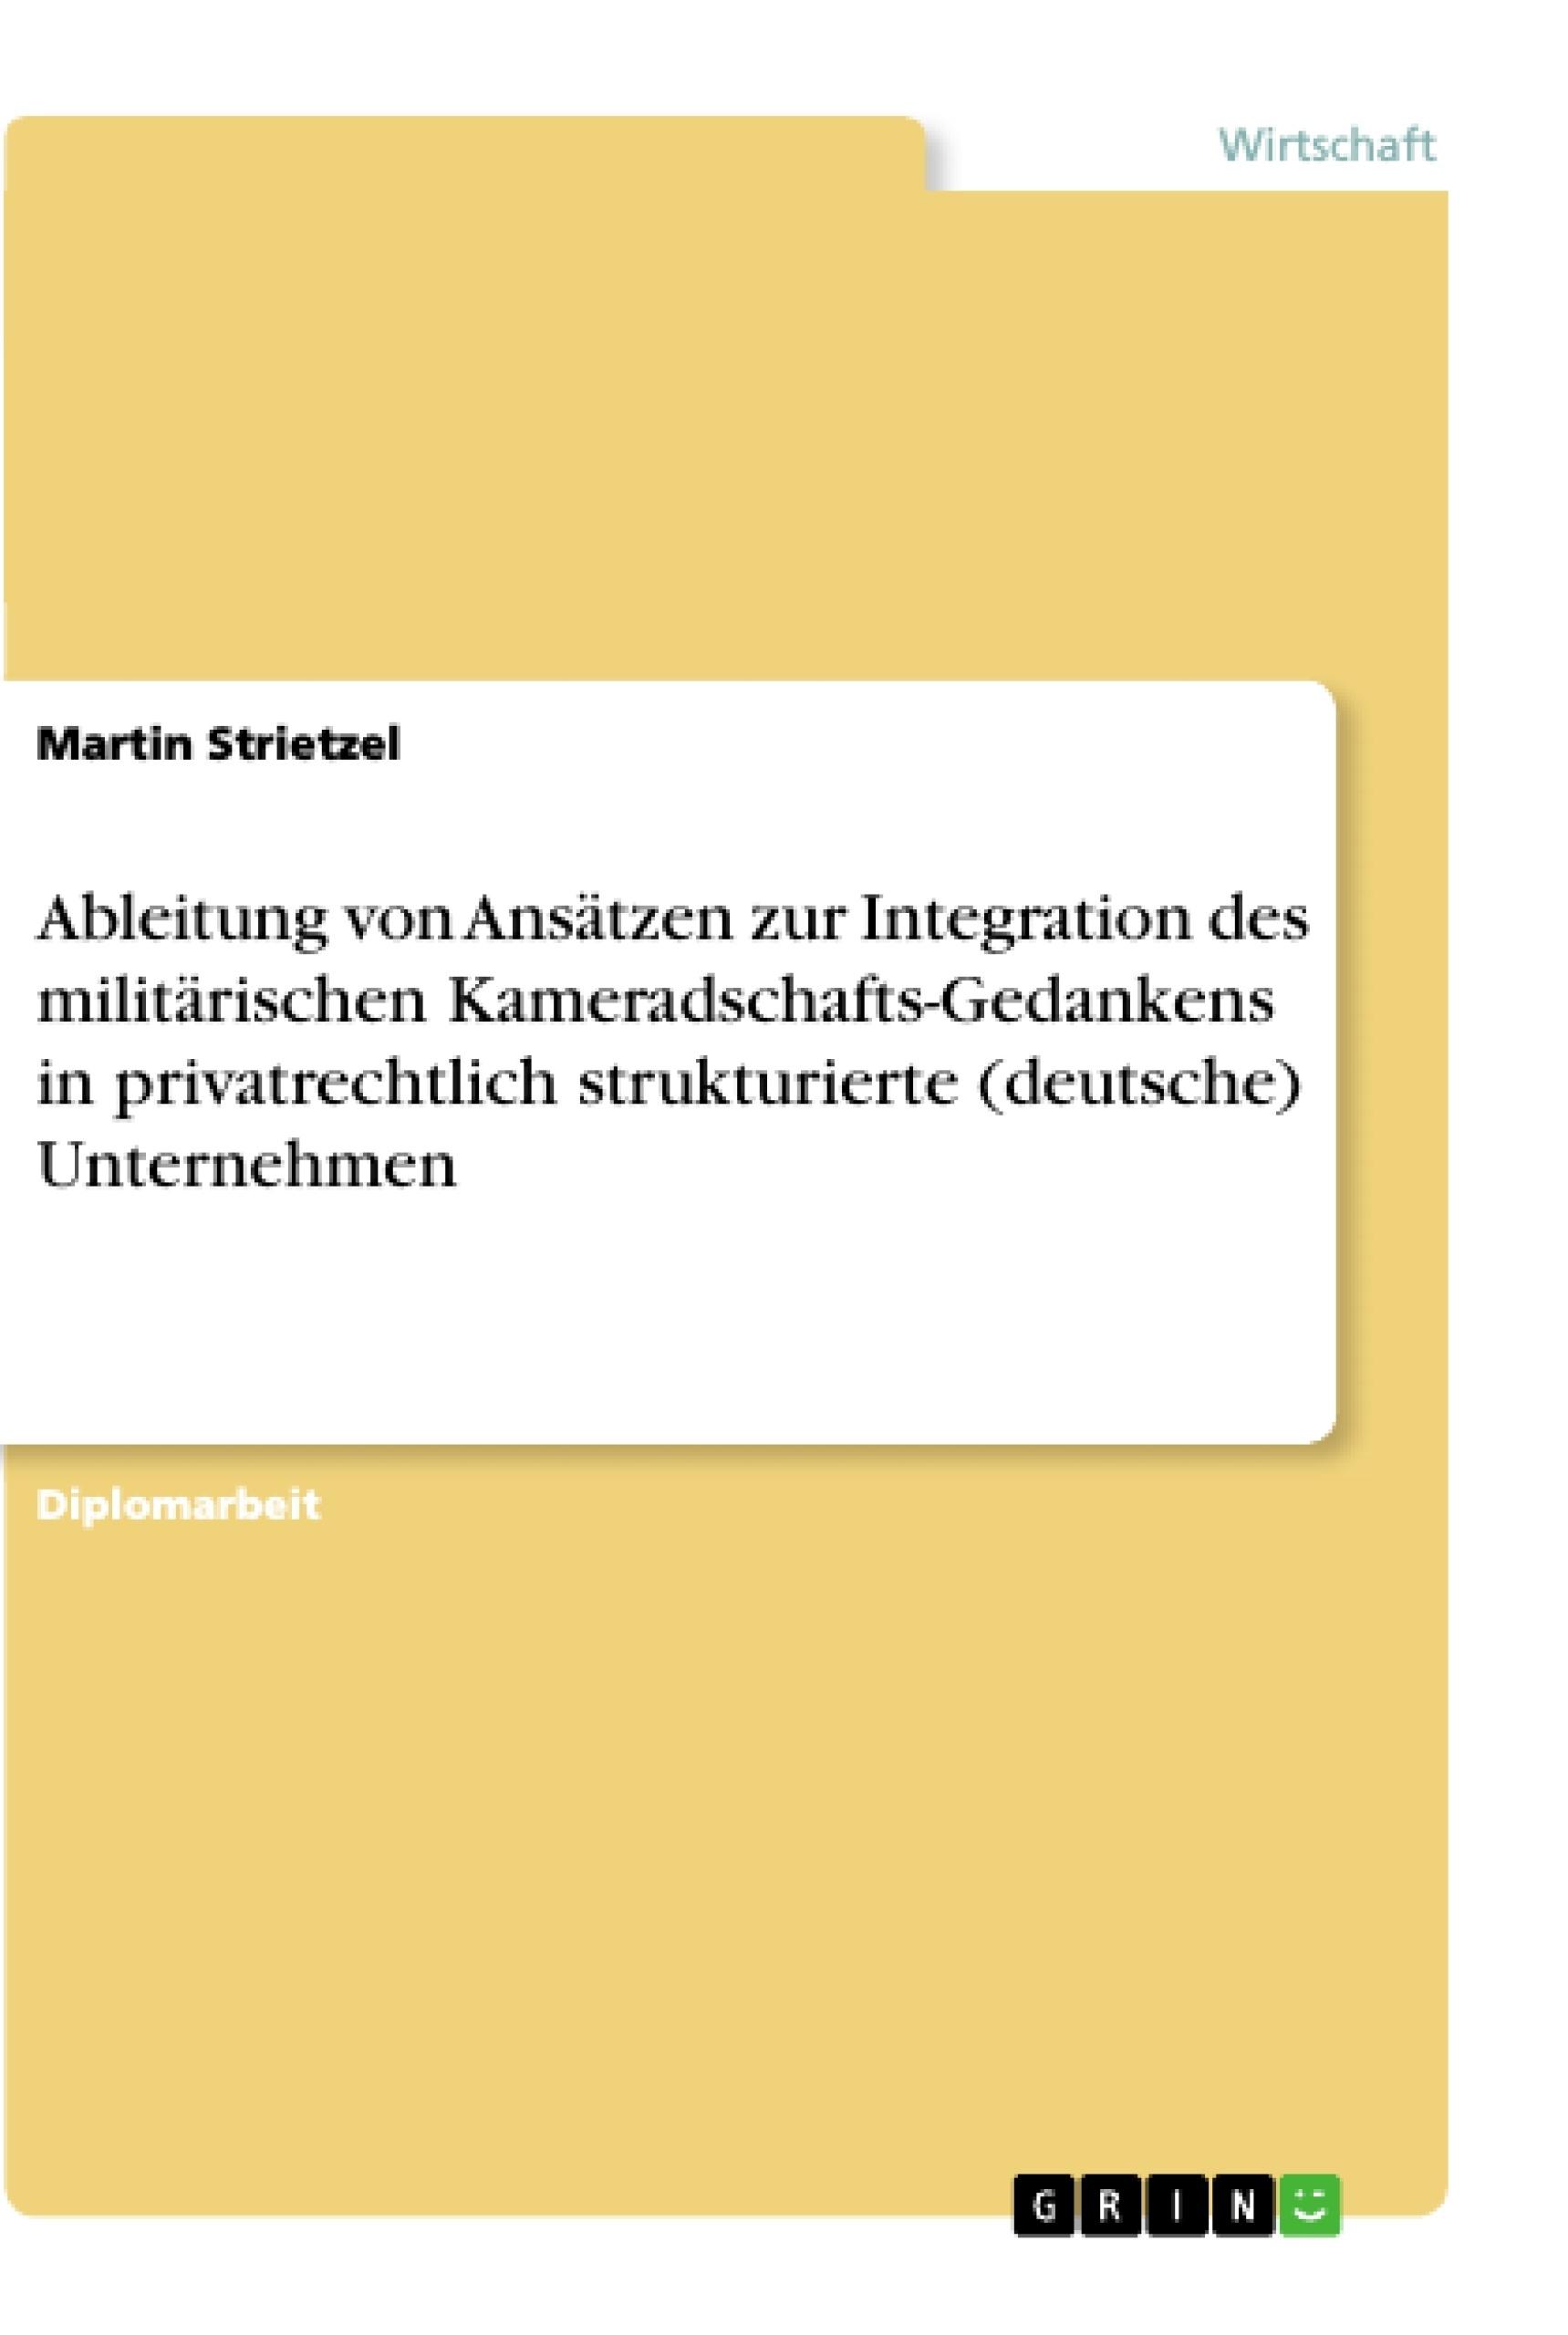 Titel: Ableitung von Ansätzen zur Integration des militärischen Kameradschafts-Gedankens in privatrechtlich strukturierte (deutsche) Unternehmen